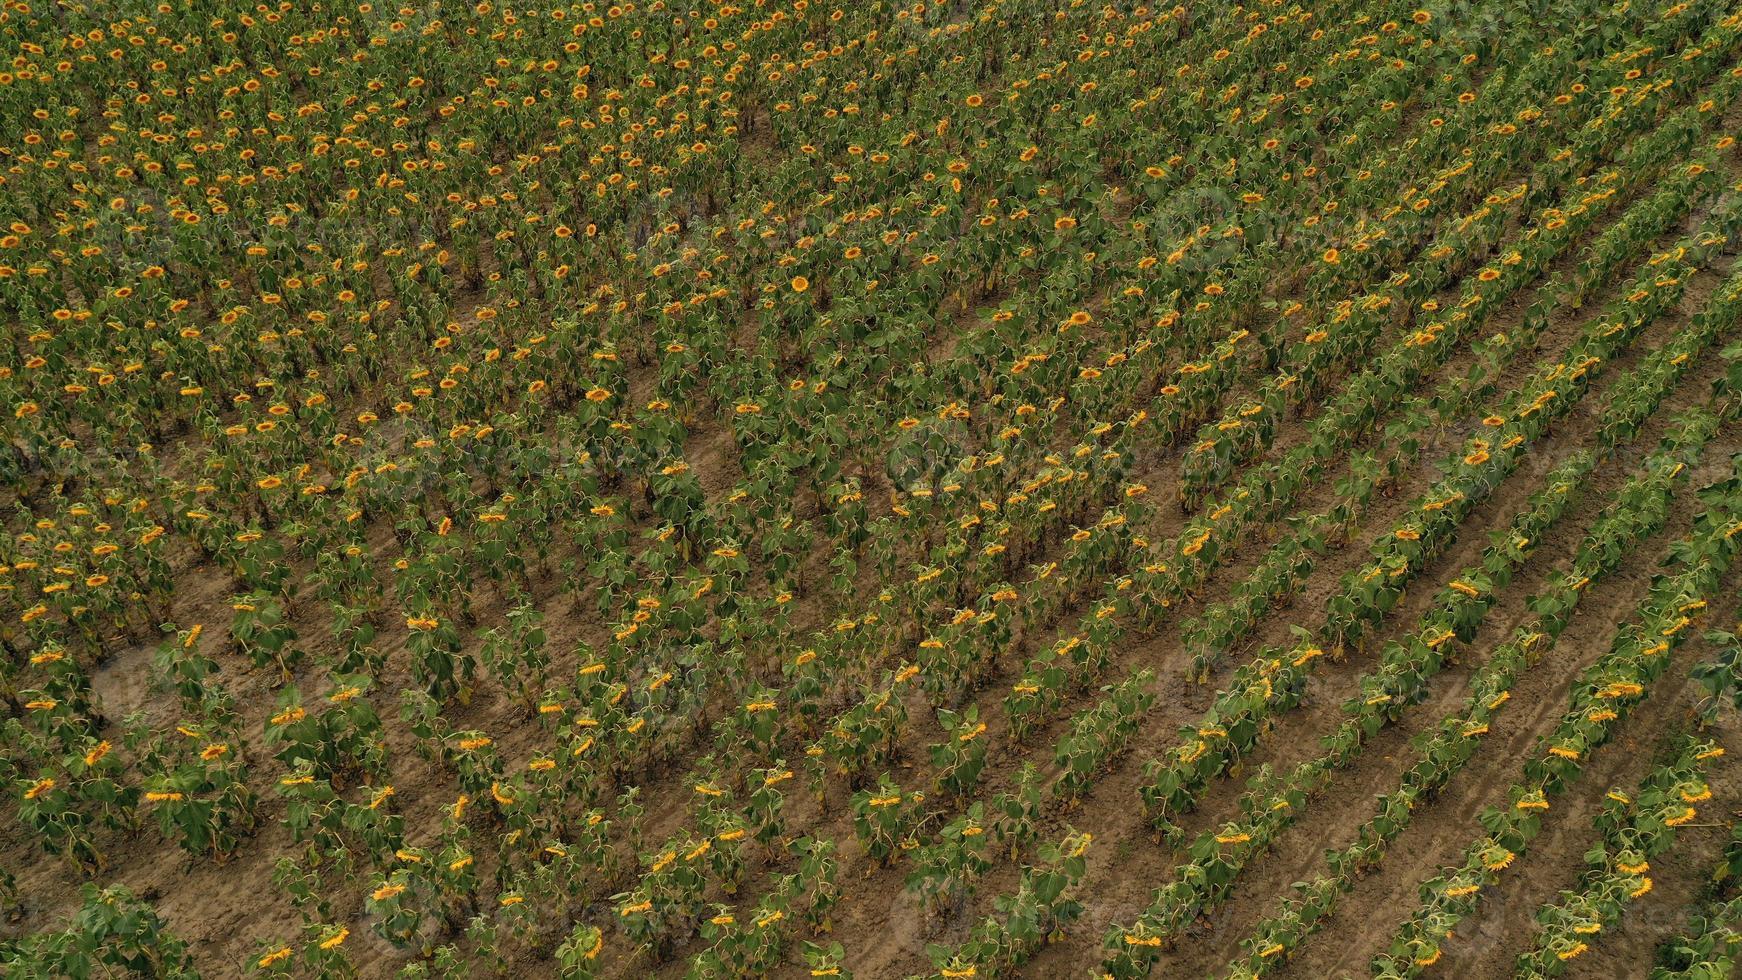 vista aerea di un grande campo di girasoli che fiorisce con un bel colore dorato. foto